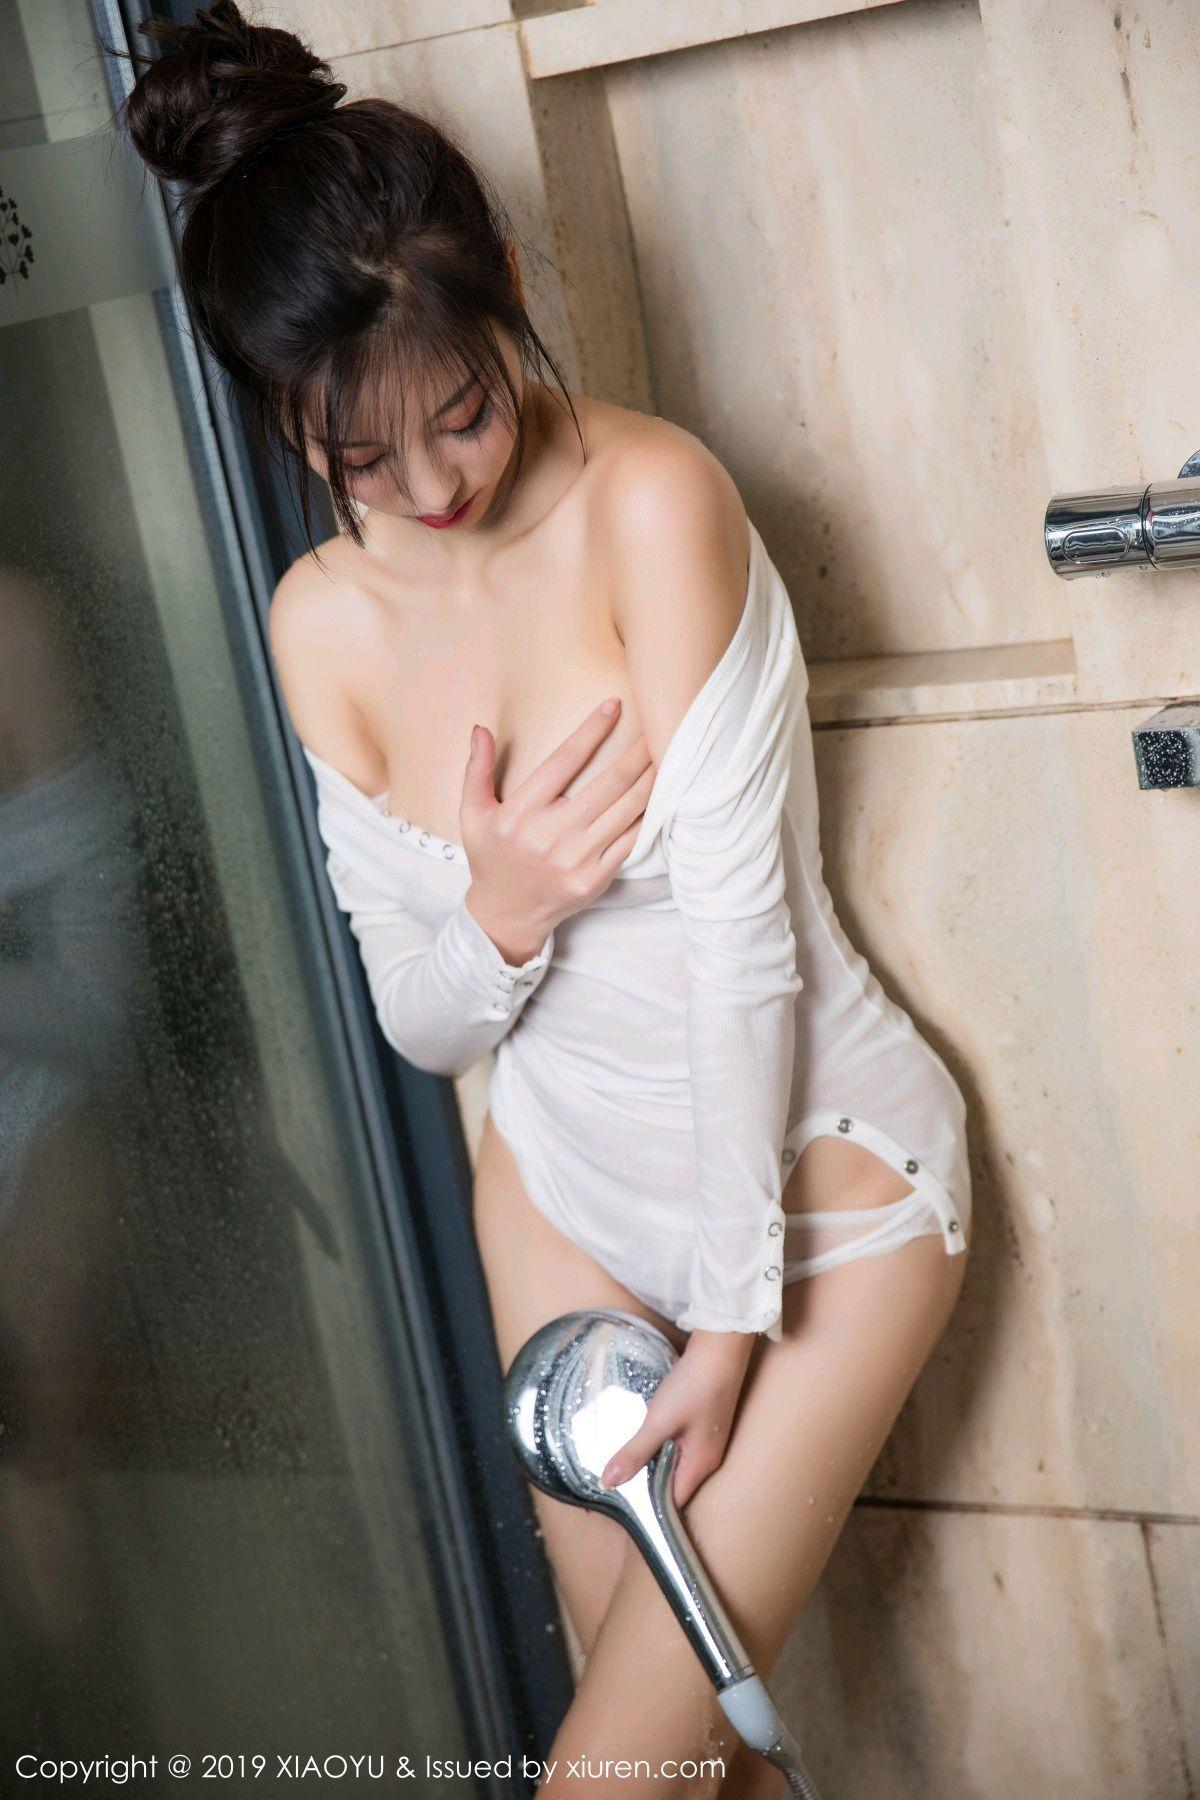 [XiaoYu] Vol.025 Yang Chen Chen 40P, Bathroom, Wet, XiaoYu, Yang Chen Chen